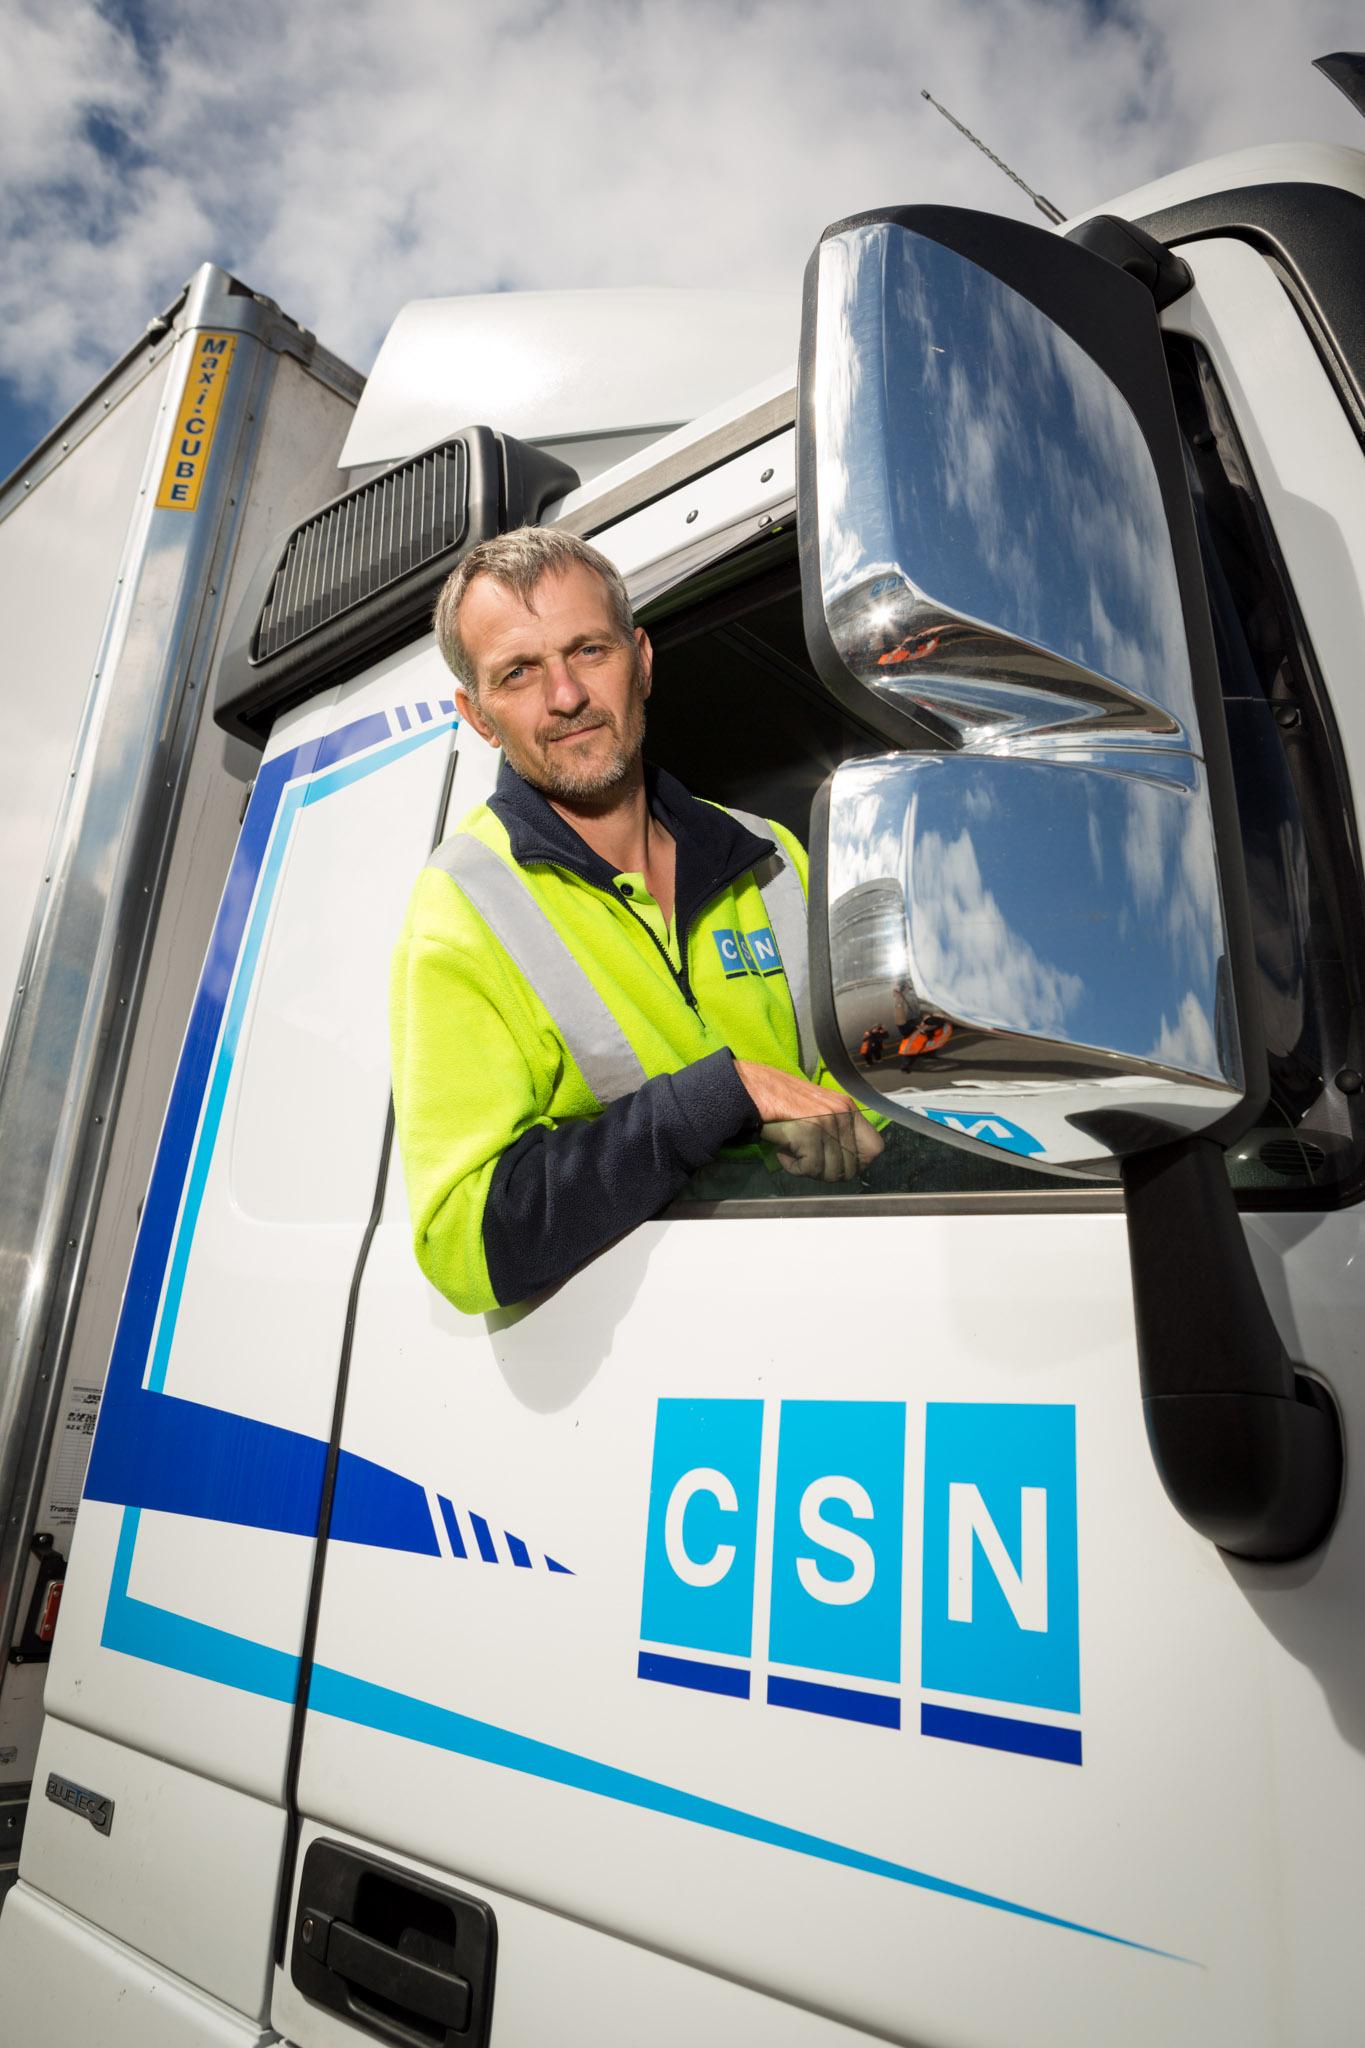 csn-driver.jpg